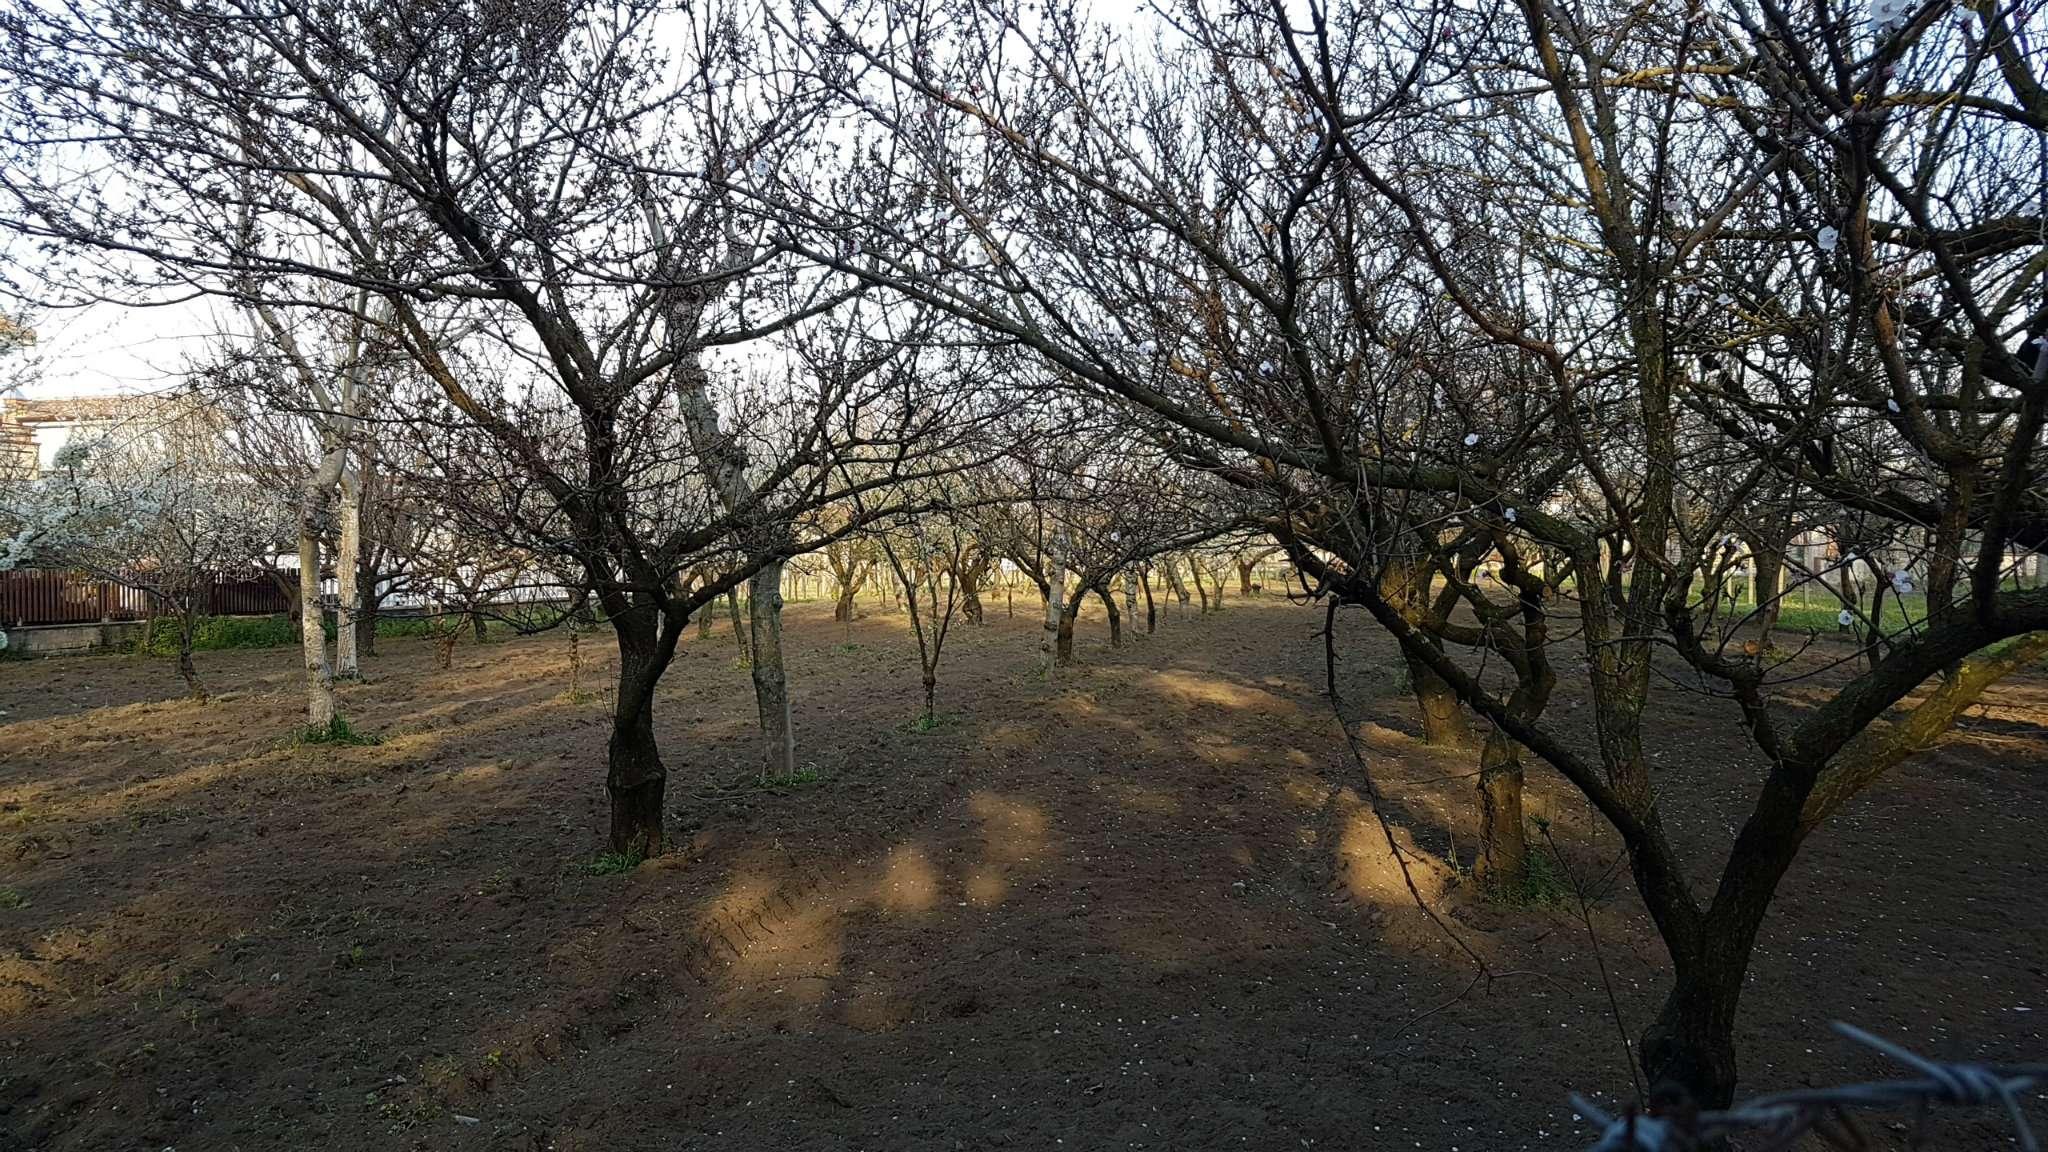 Terreno Agricolo in vendita a Somma Vesuviana, 9999 locali, prezzo € 110.000 | CambioCasa.it